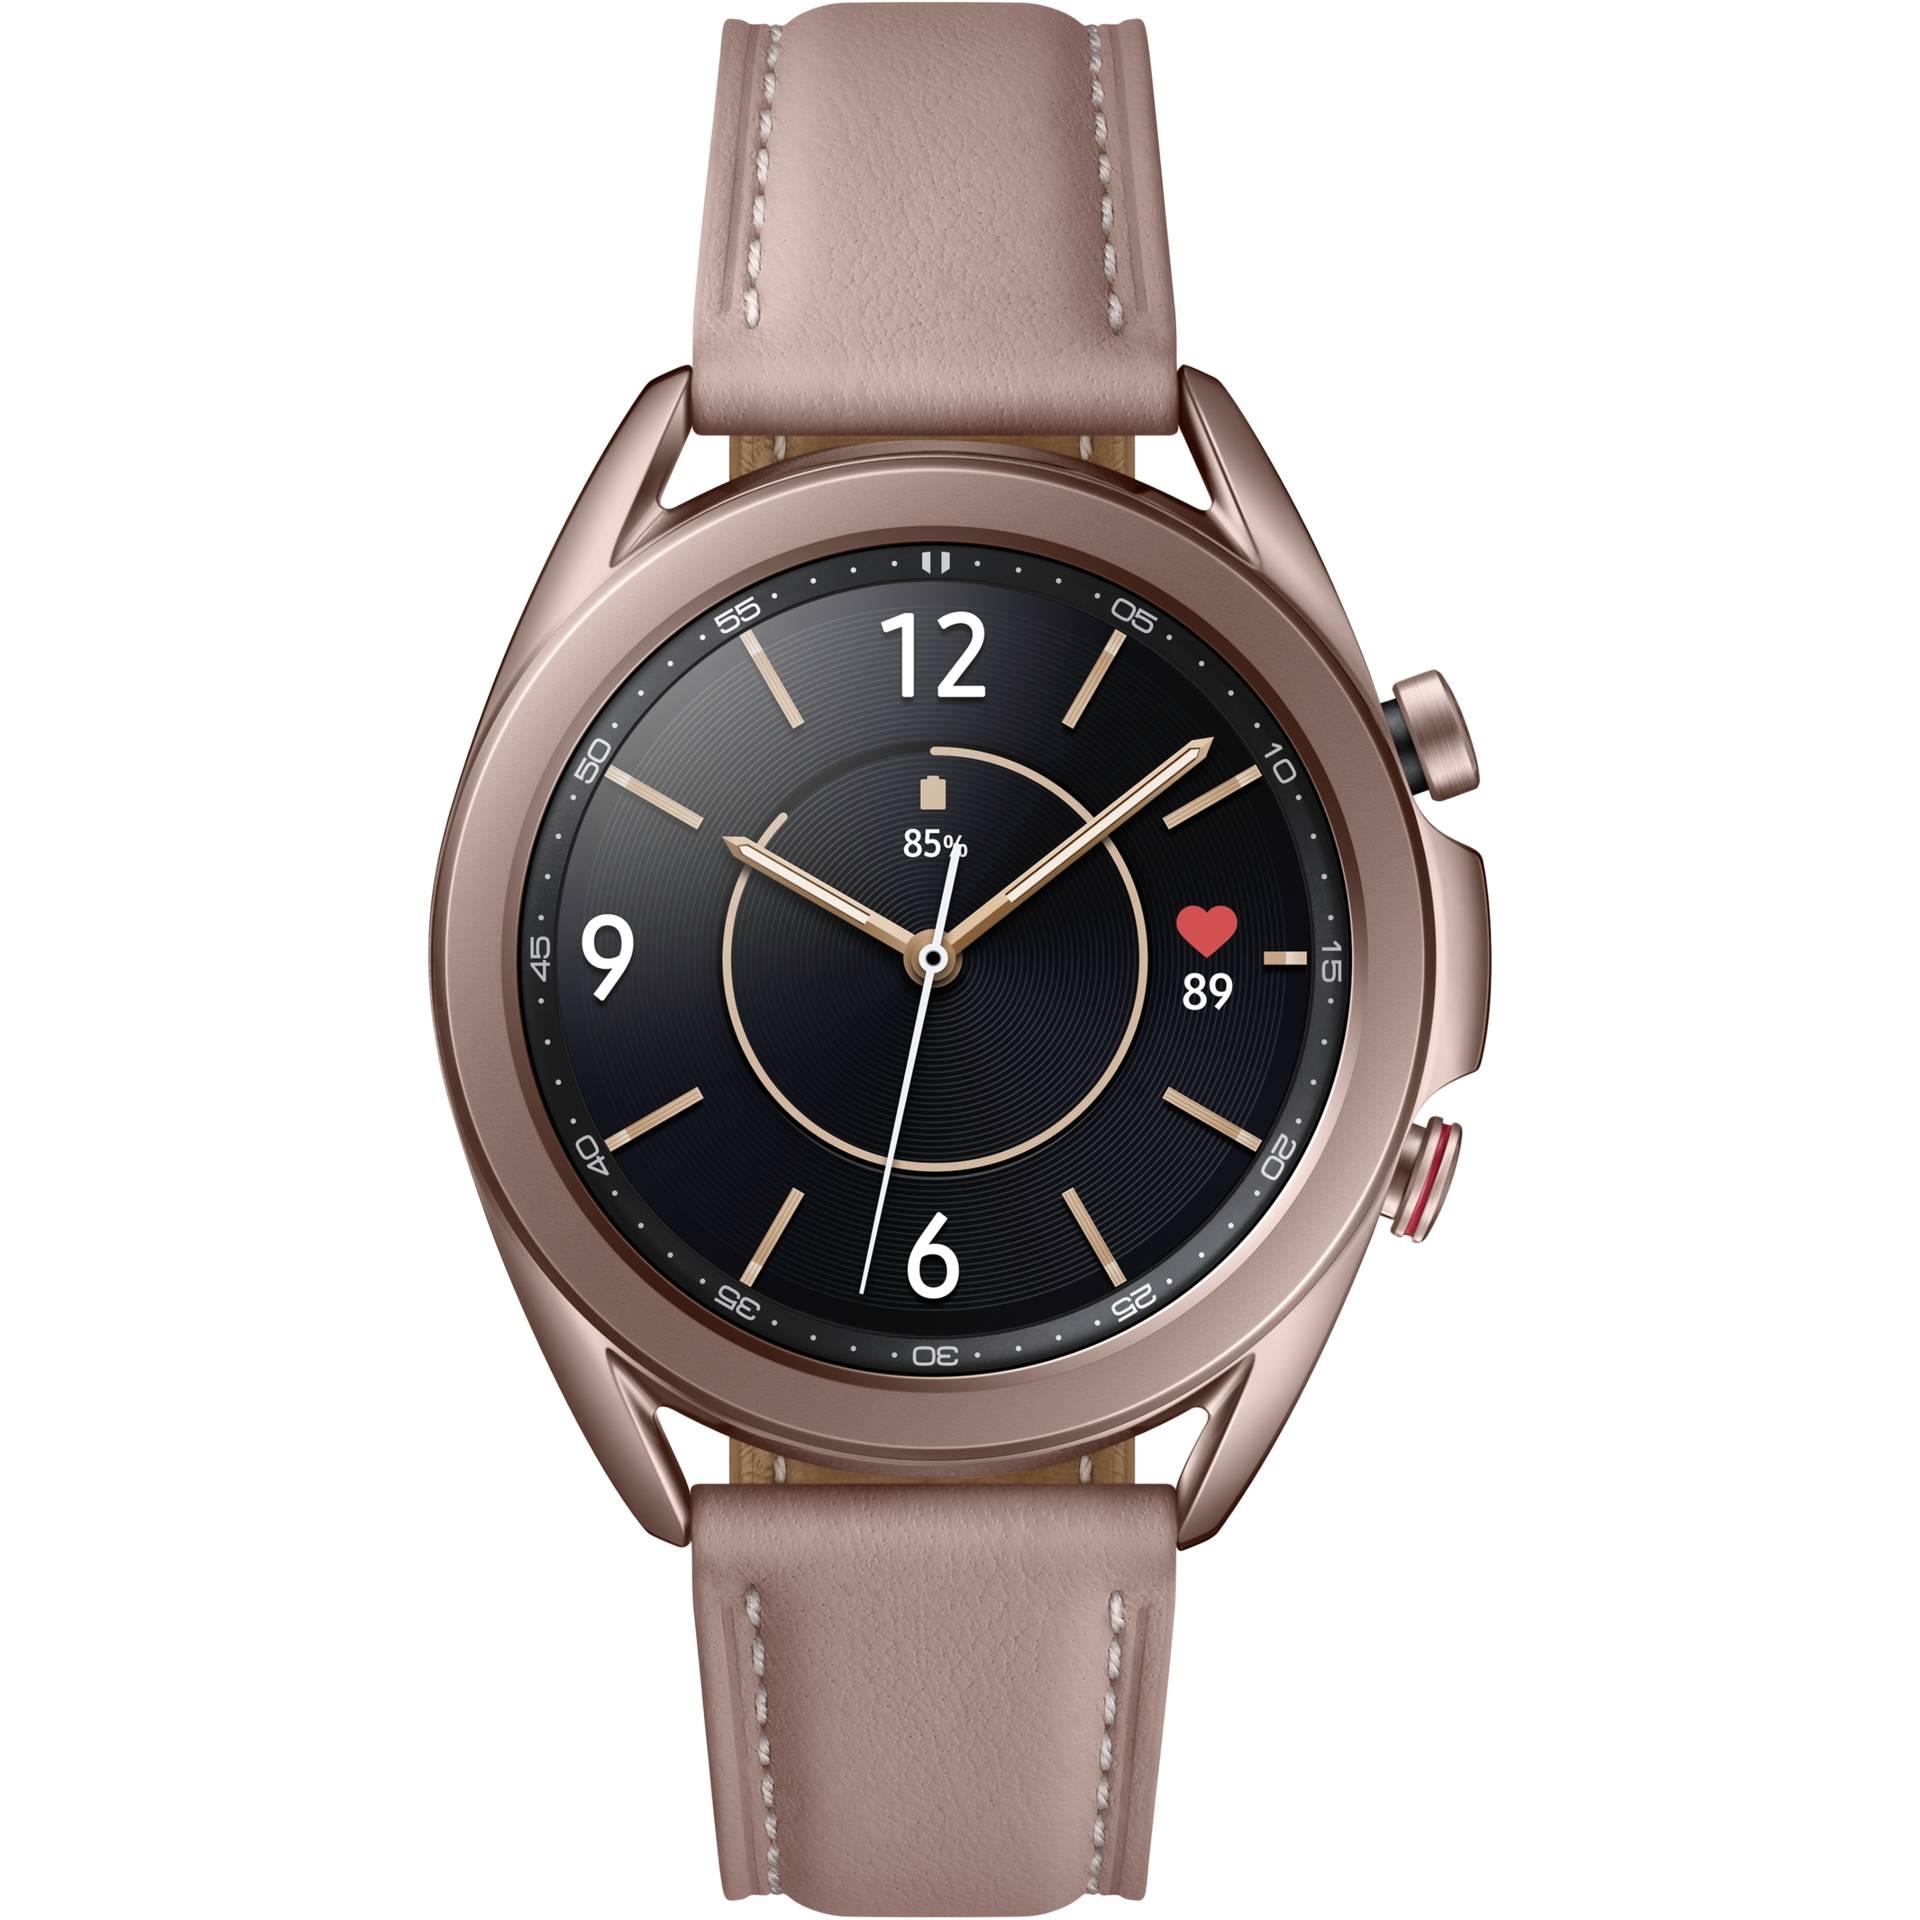 Samsung Galaxy Watch 3 LTE Mystic Bronze (41mm)